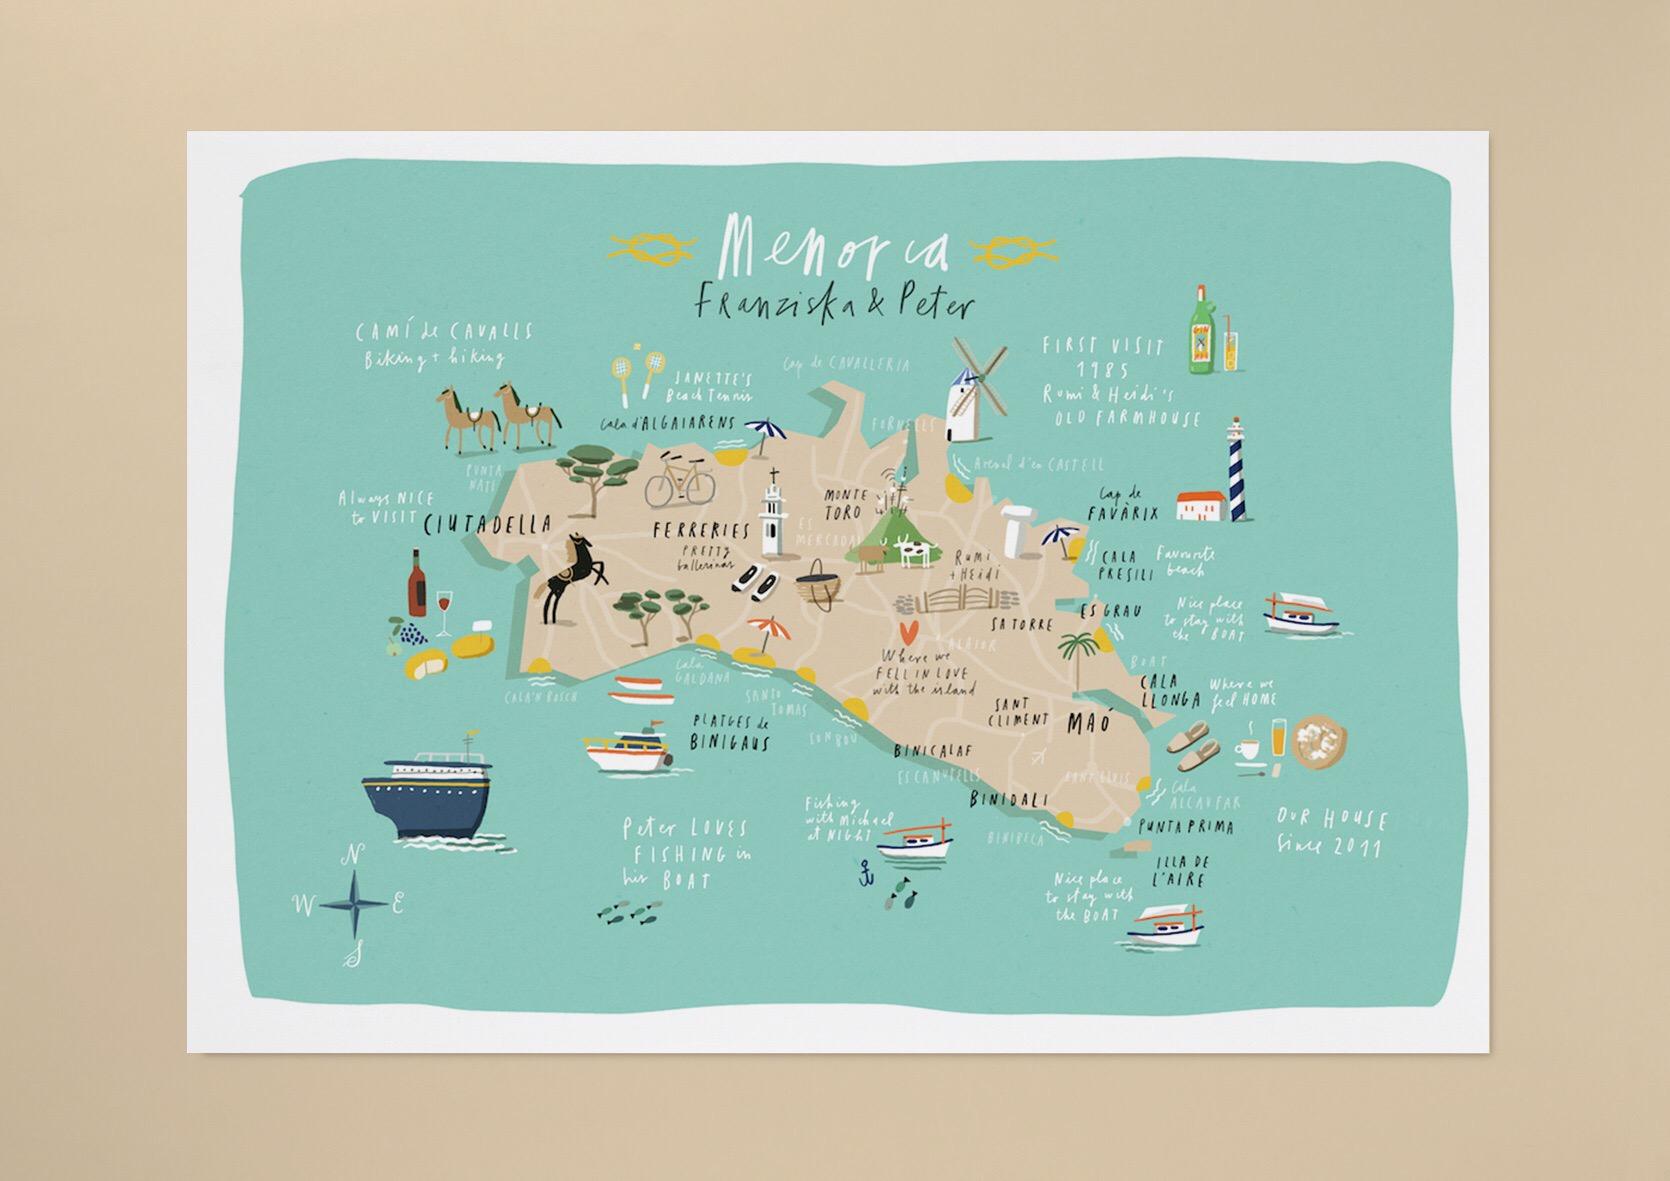 Menorca Map